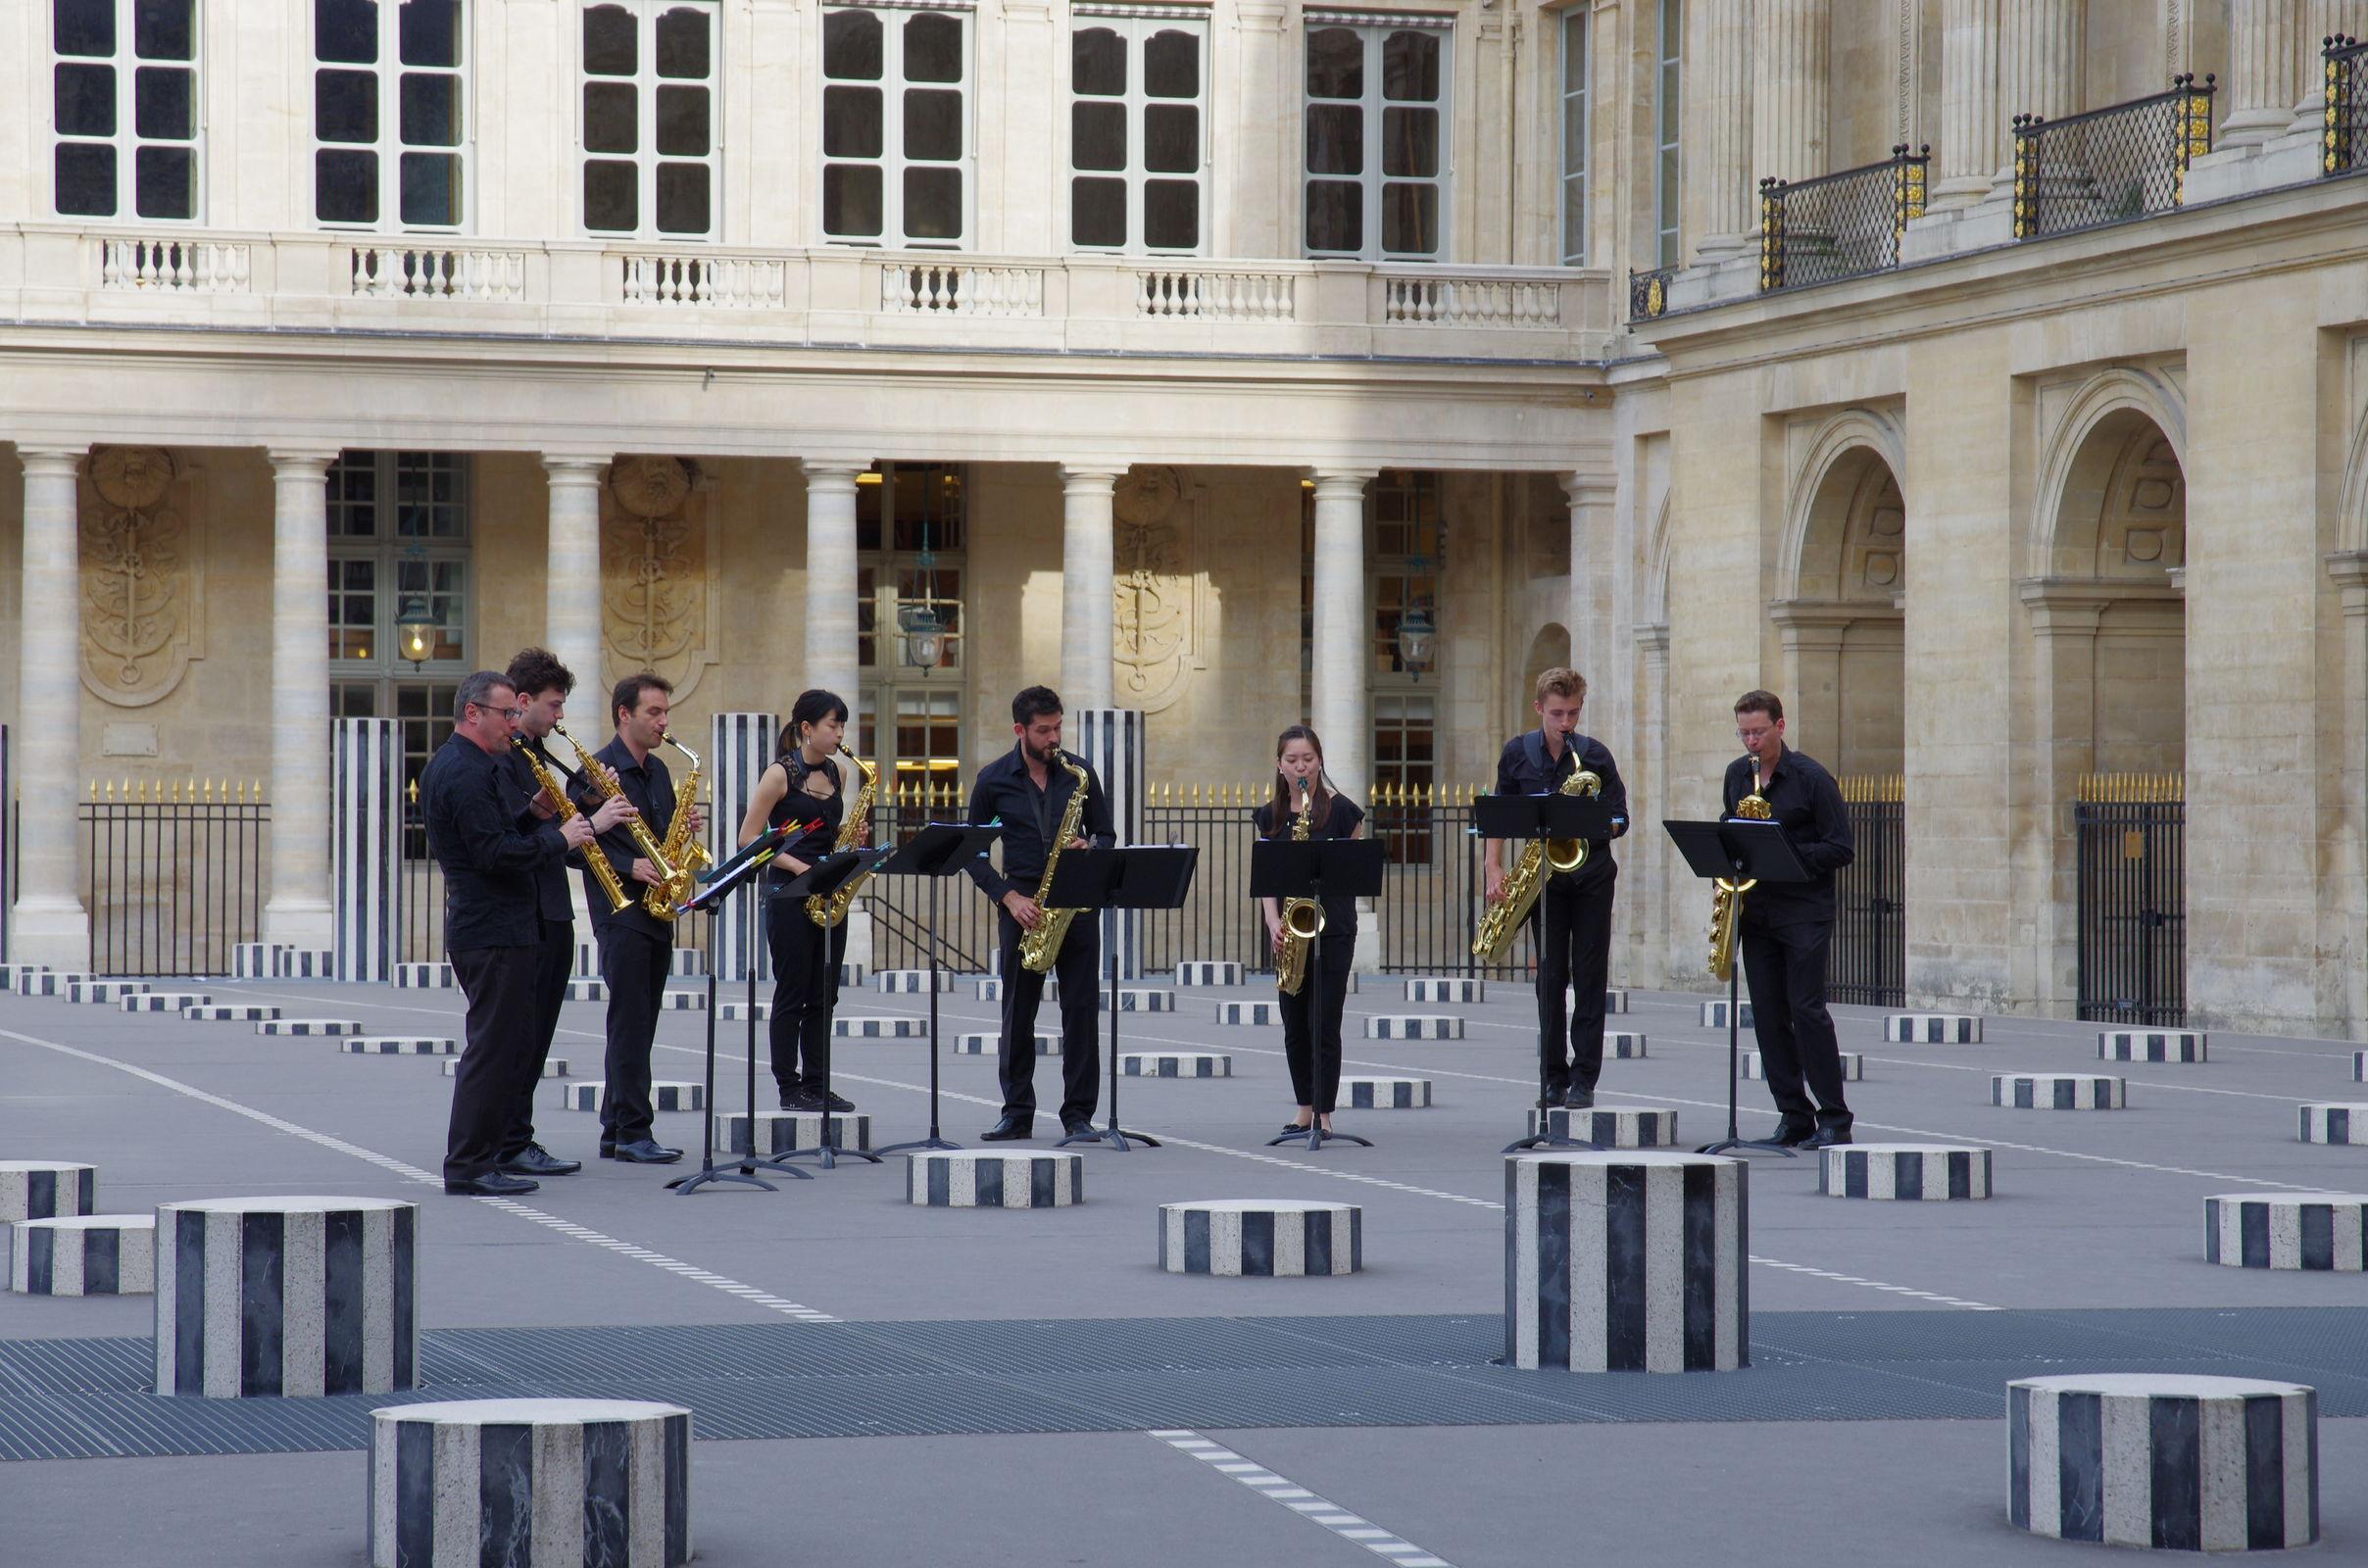 Musikalische Umrahmung einer Ausstellung, leider durften da nur geladene Gäste in Schlips und Kragen rein